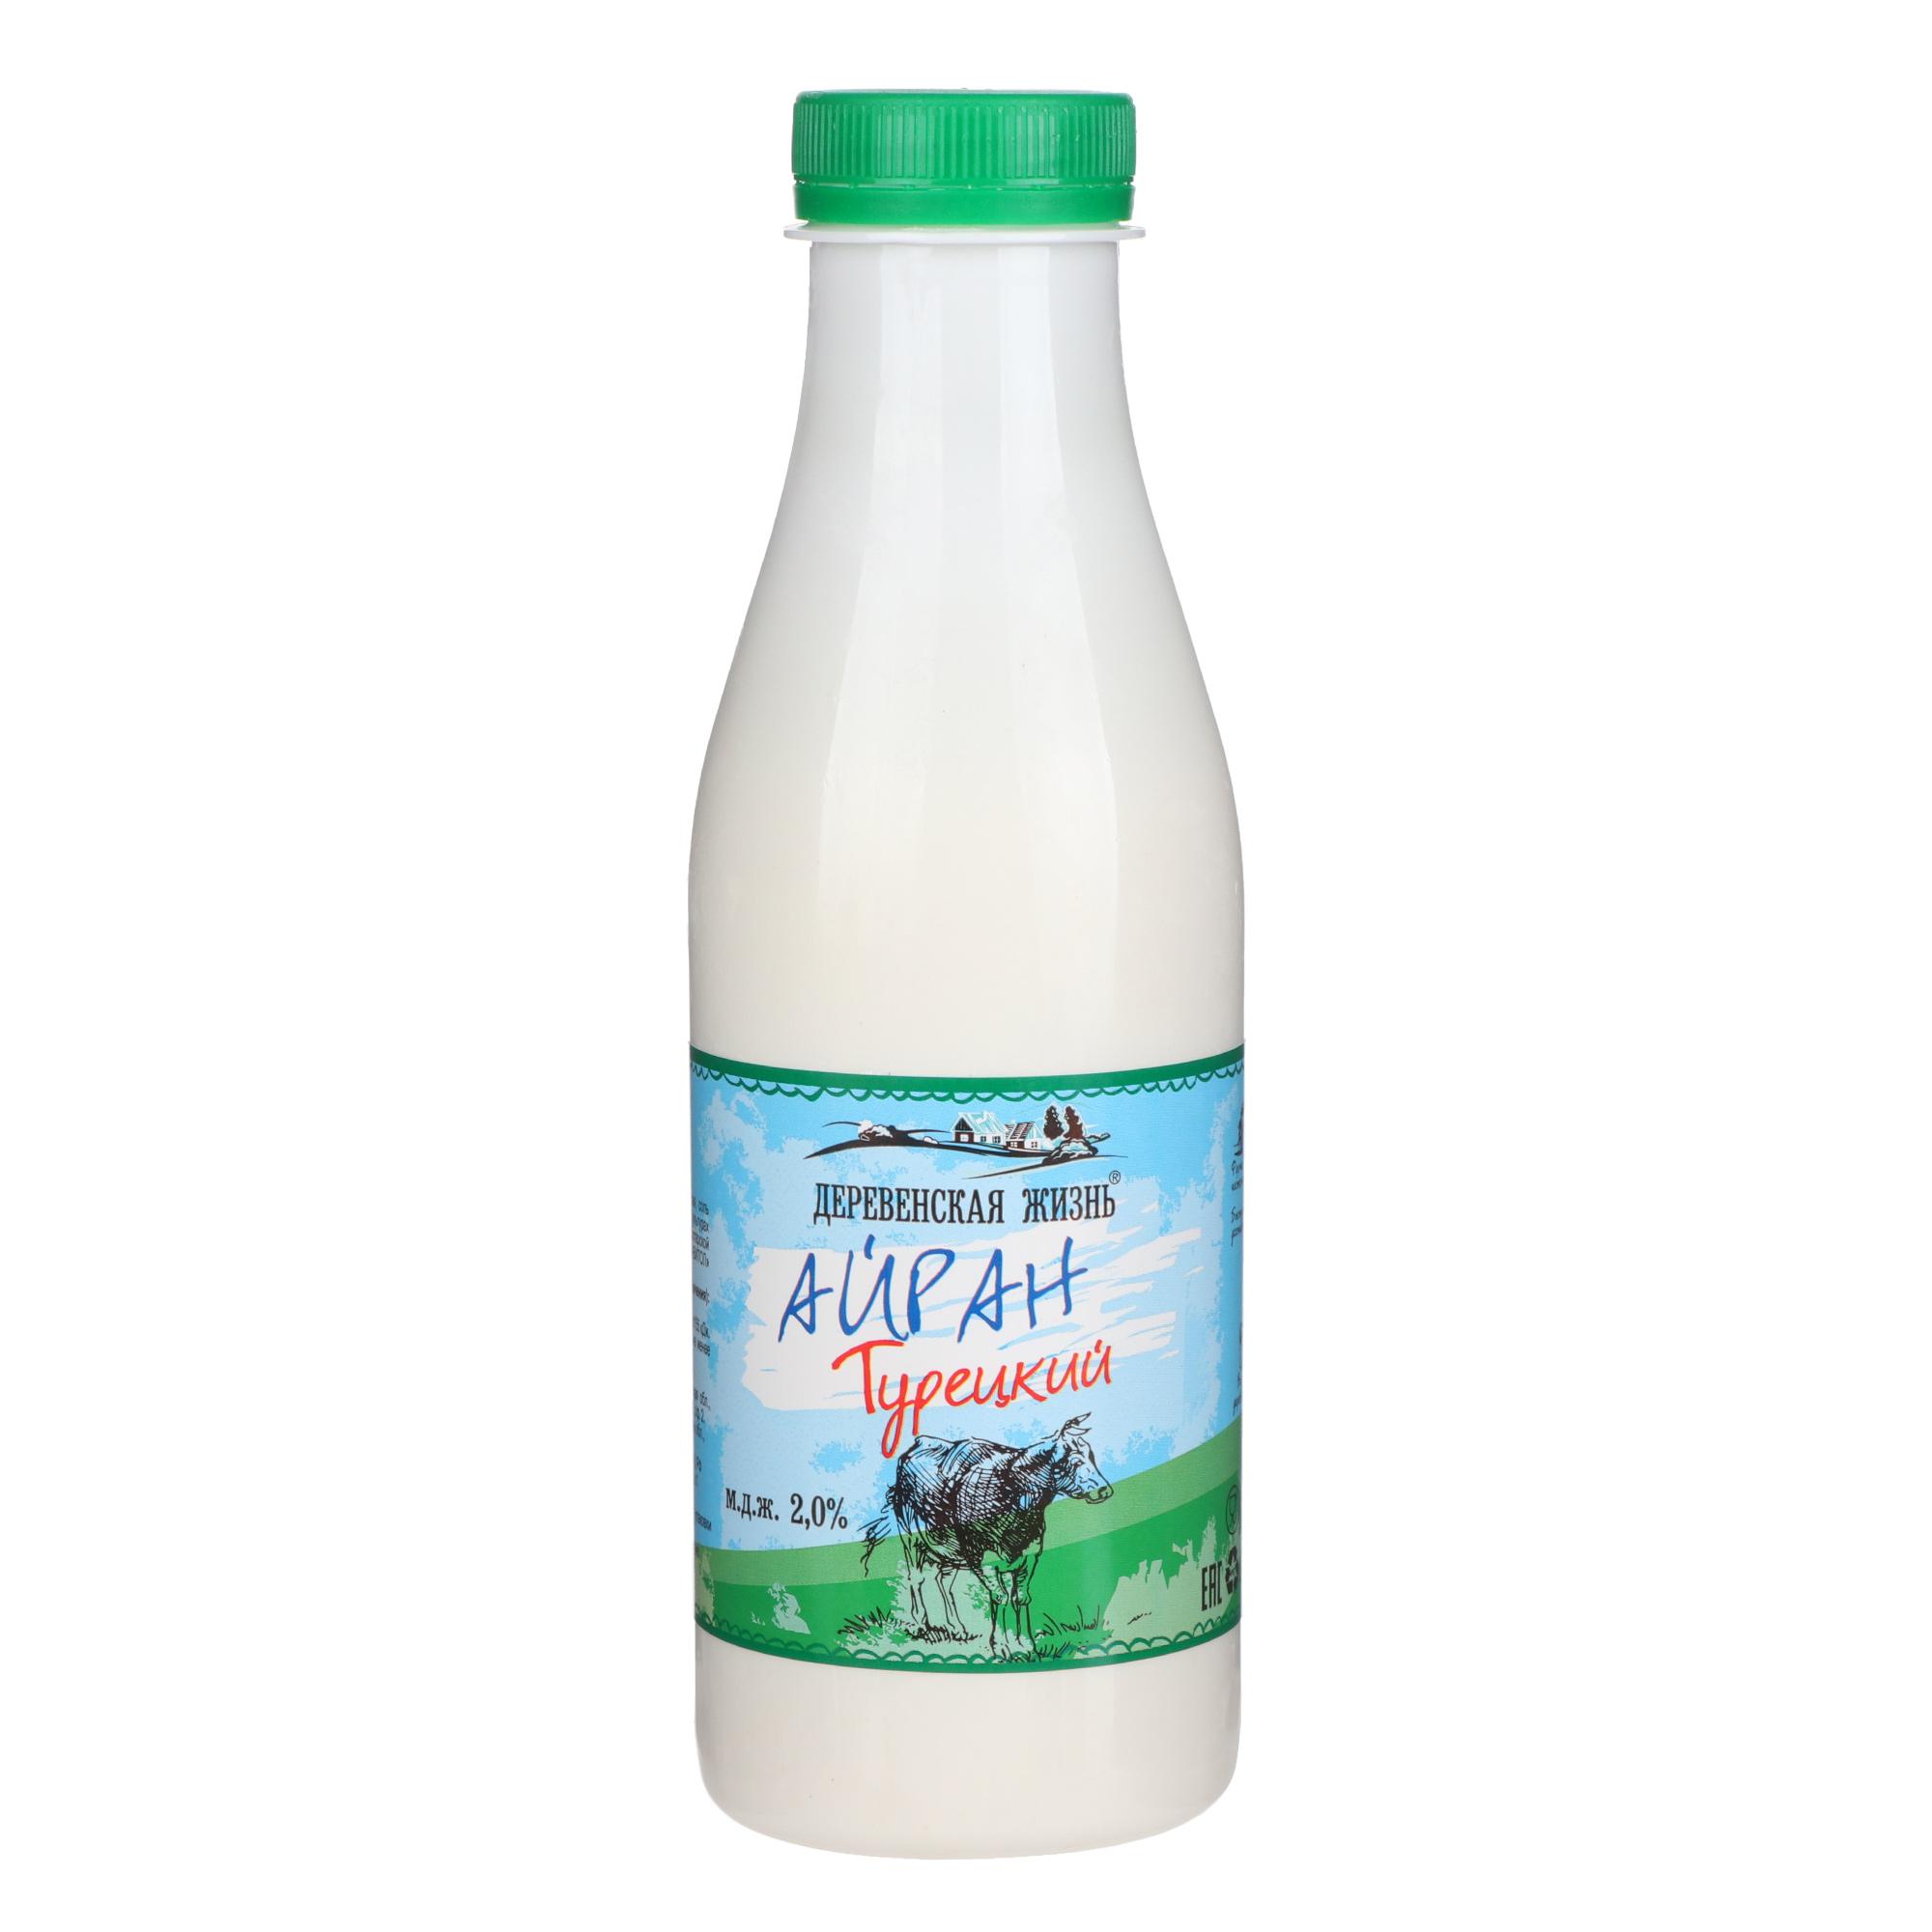 Напиток кисломолочный Деревенская Жизнь Айран